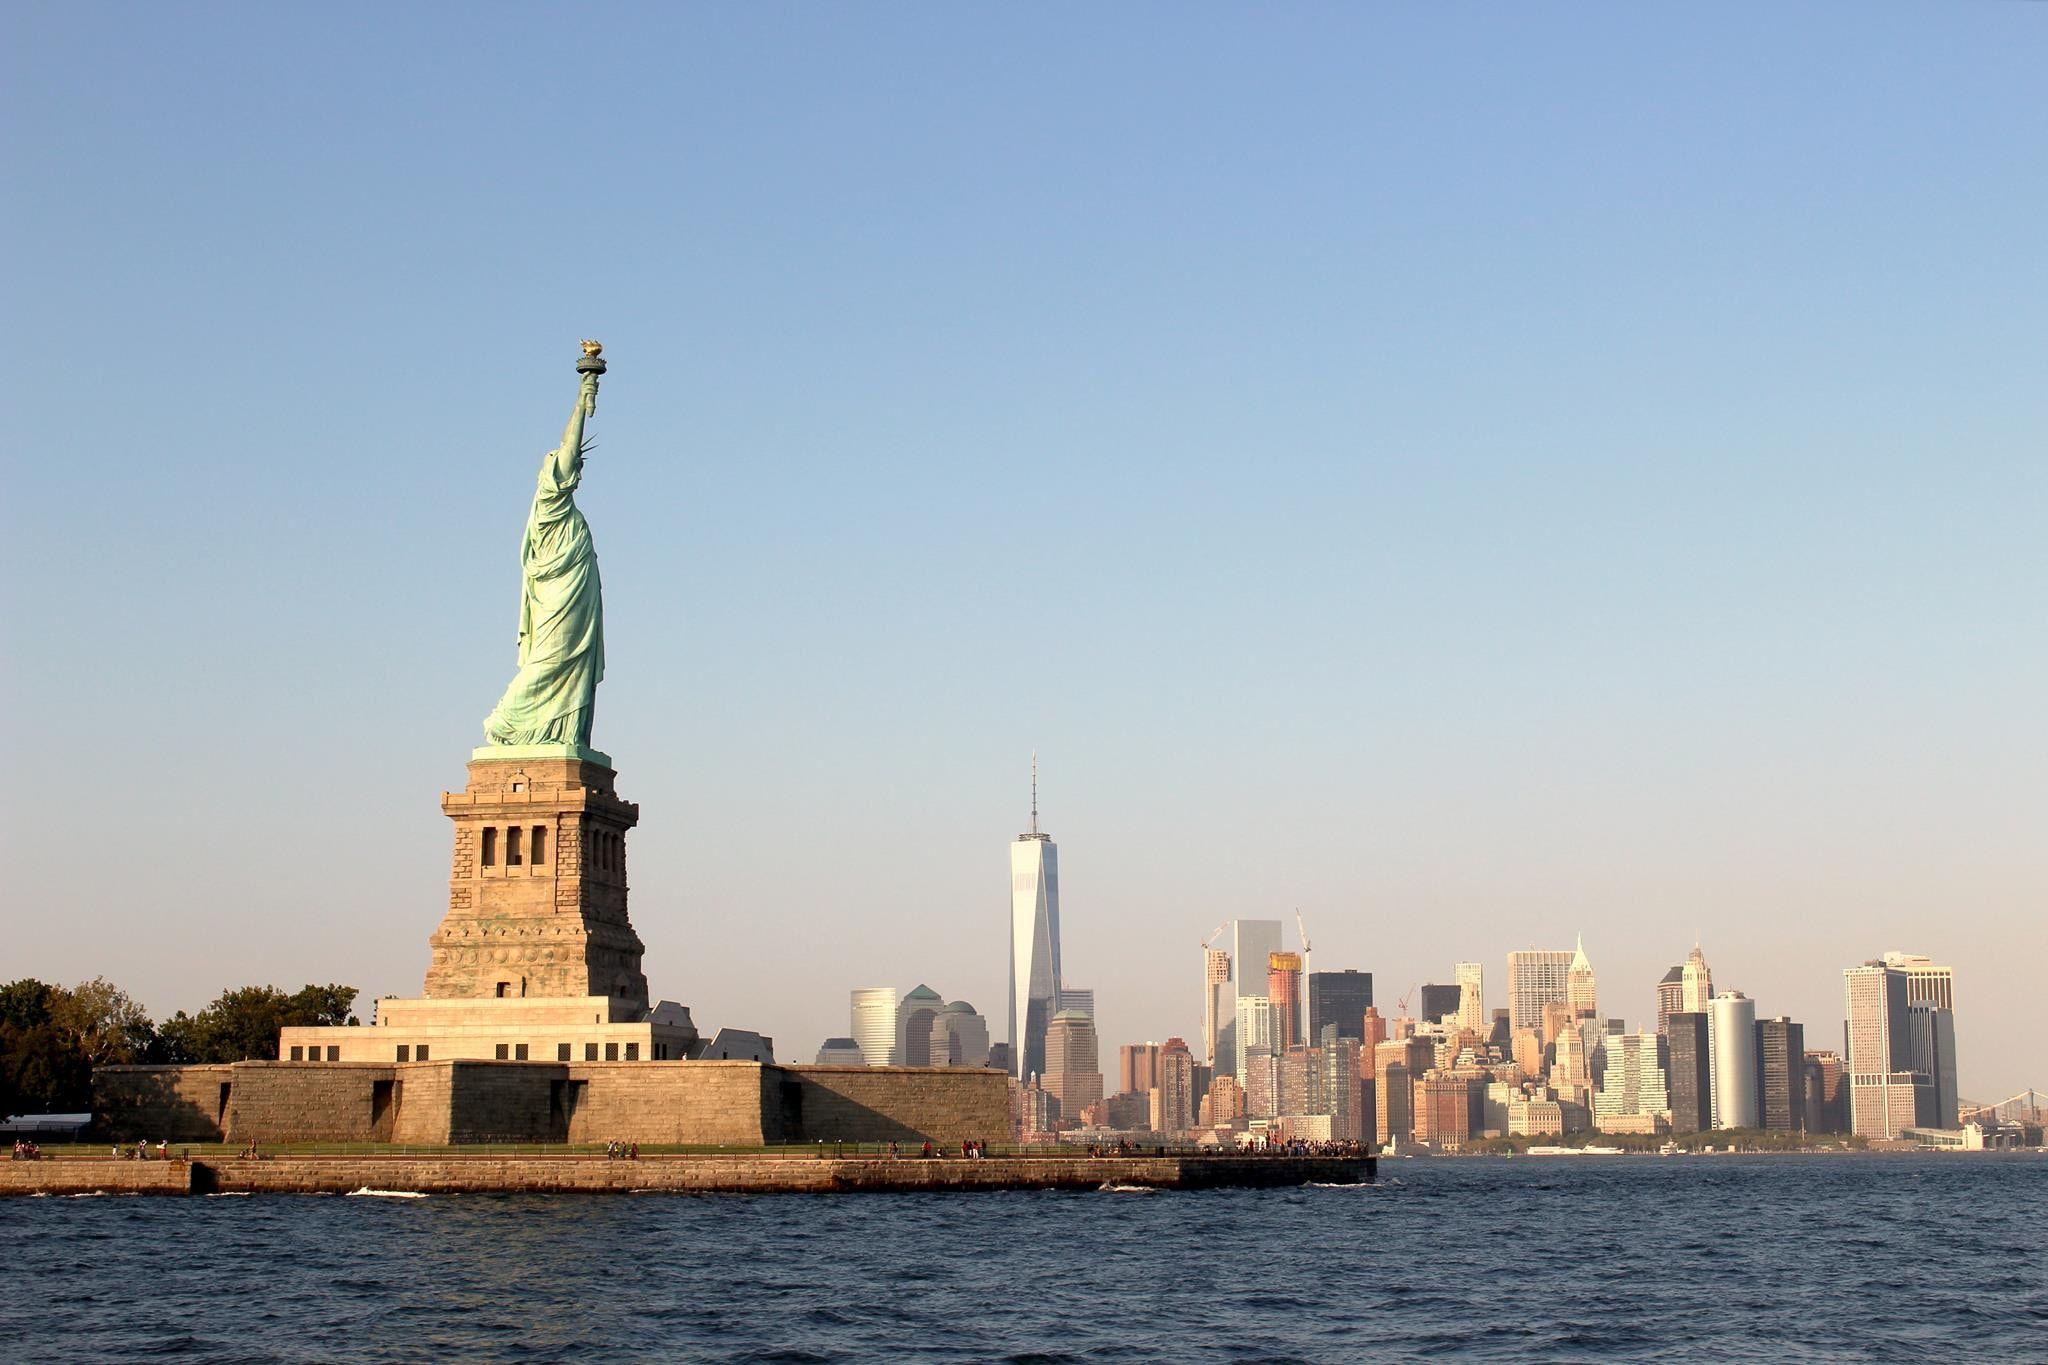 La Statue de la Liberté avec l'horizon de New York en arrière-plan